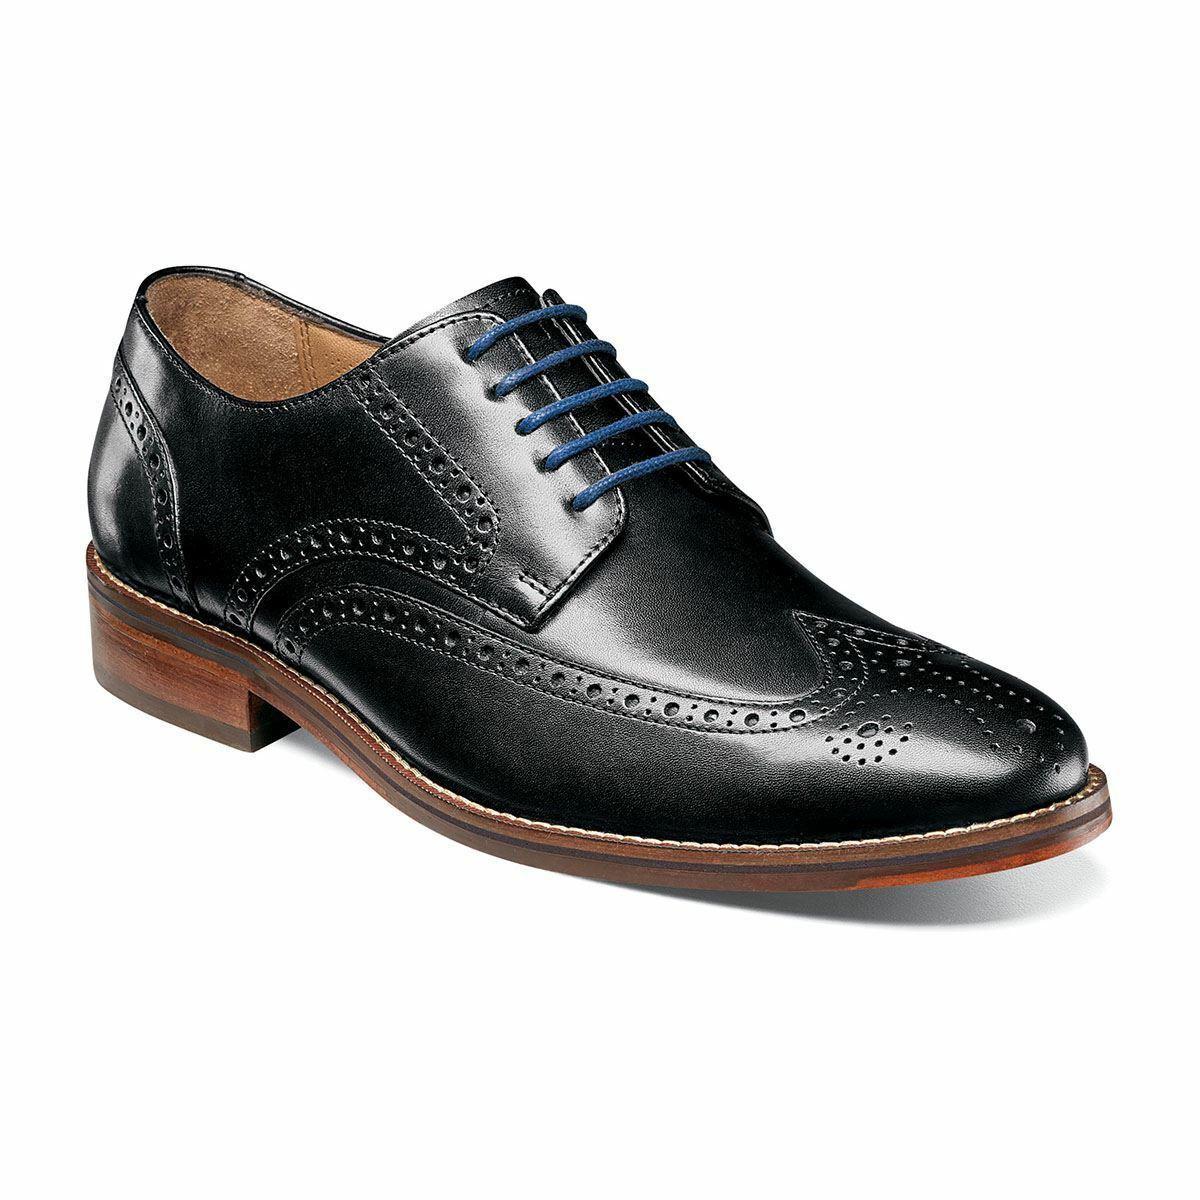 Florsheim Men's Salerno Wingtip Oxford Leather shoes Black 12161-001